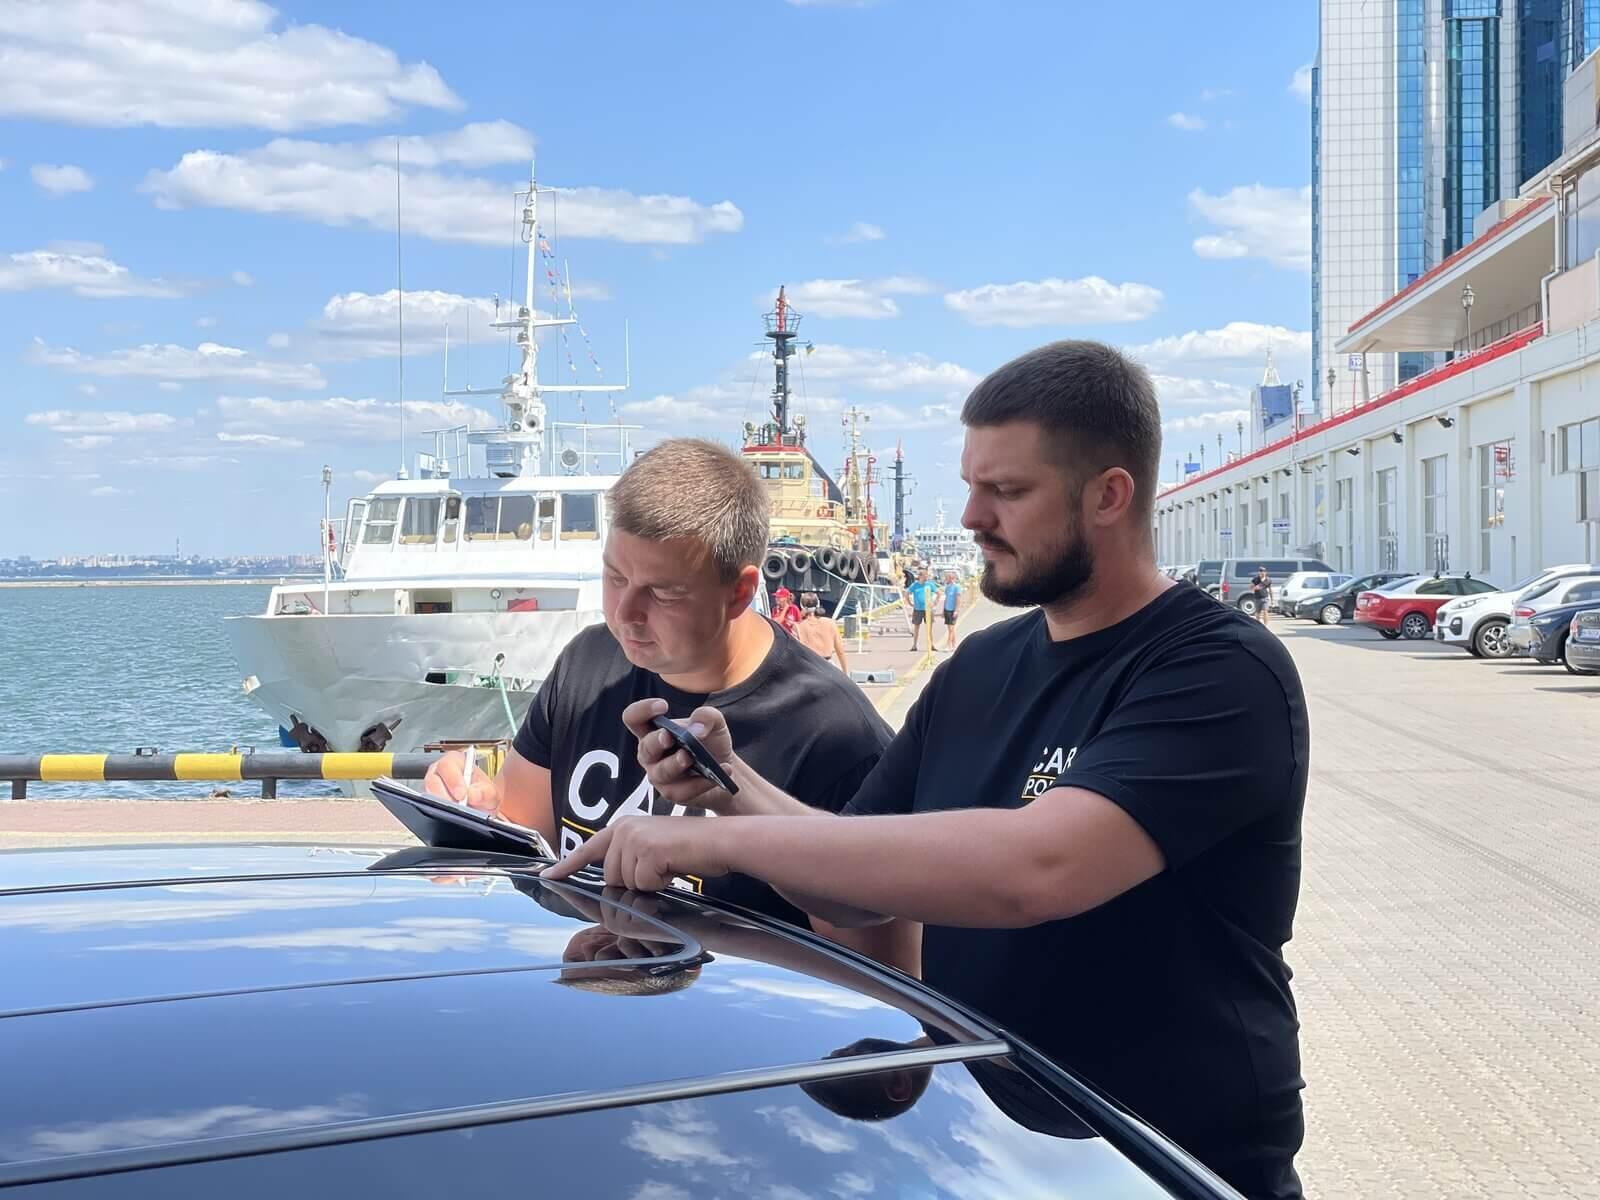 Профессиональный подбор подержанных машин в Одессе по лучшей цене